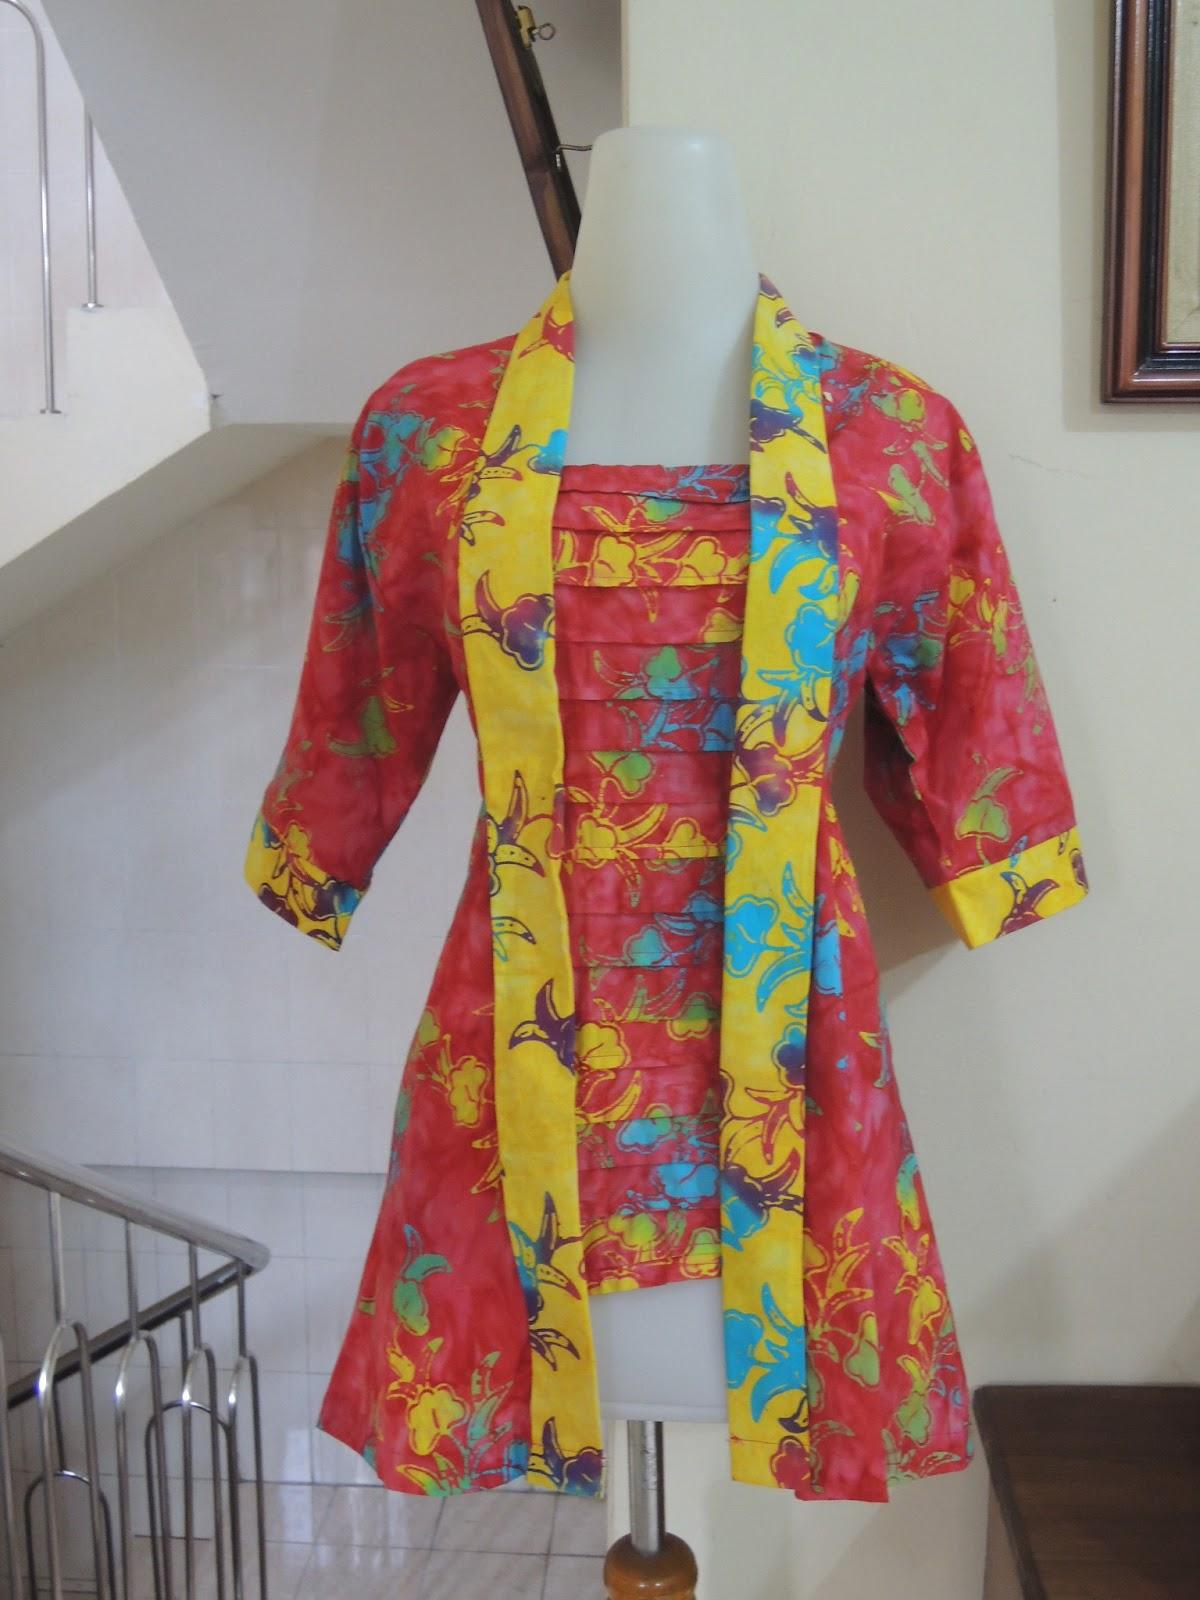 Kode zahra caecillia ungu oren EXCLUSIVE Bahan batik tulis cap katun halus Size L L besar Lebar Dada max 49 cm lingkar dada max 98 cm